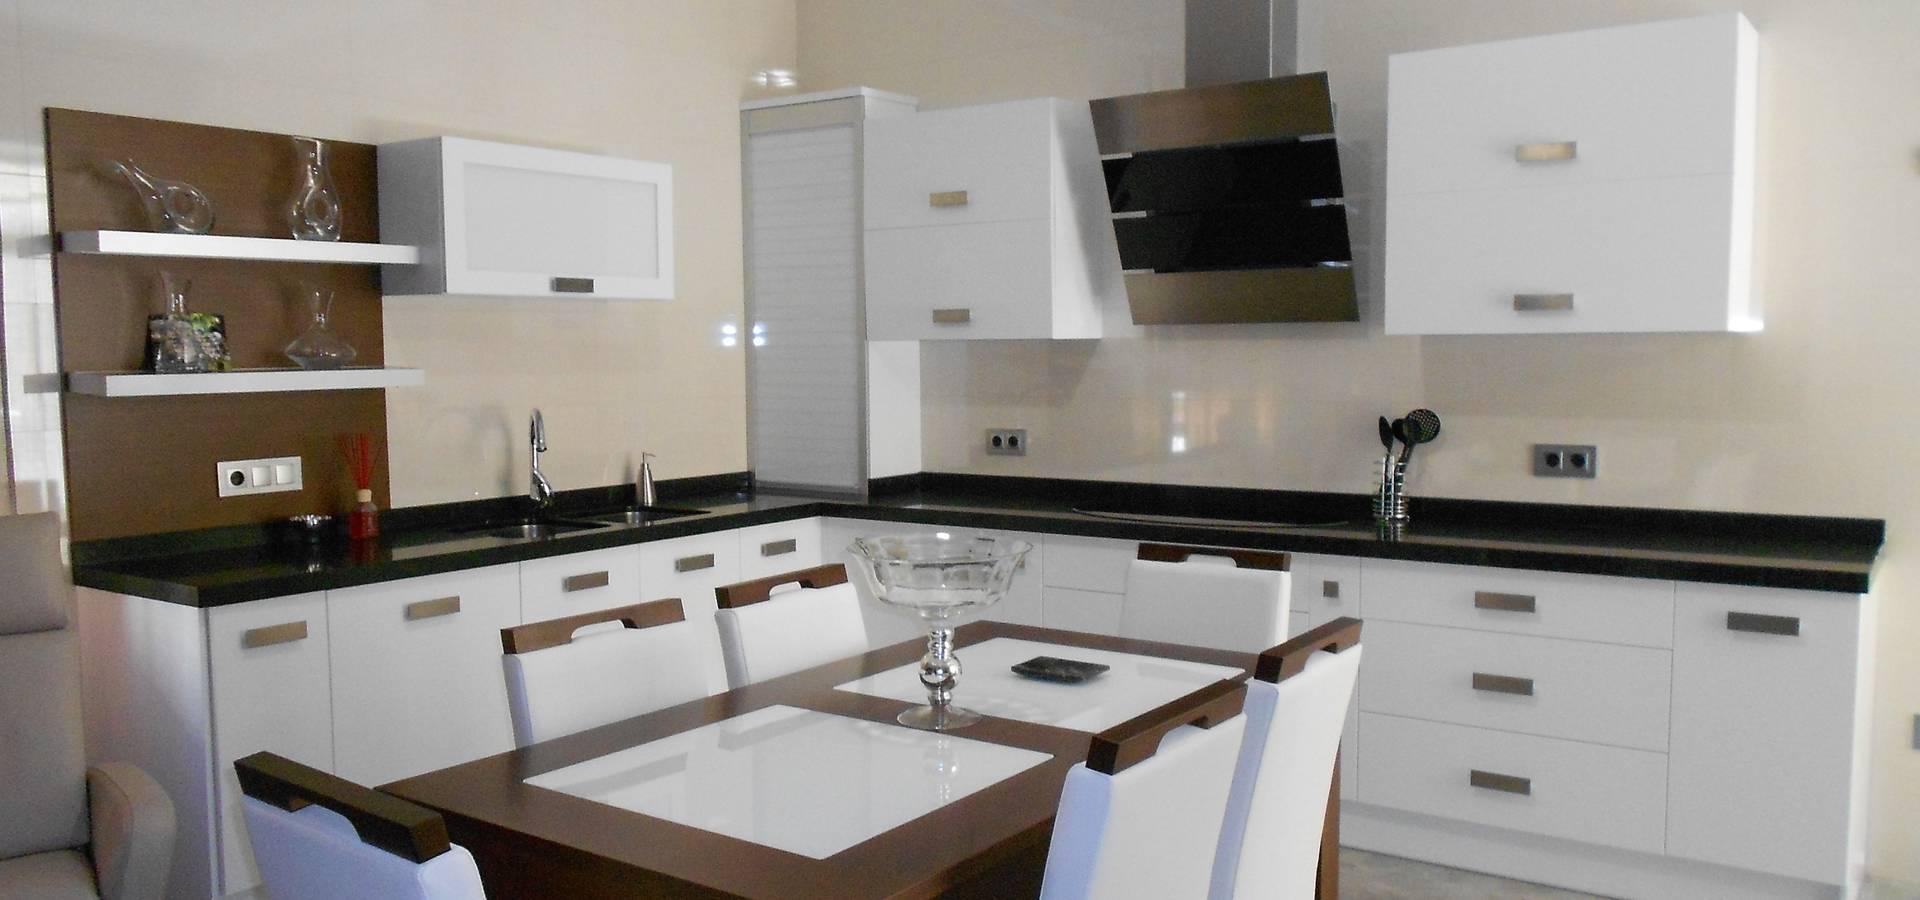 Color Blanco Siempre Presente En Cocinas Ba Os Y Armarios De  # Muebles Las Rozas